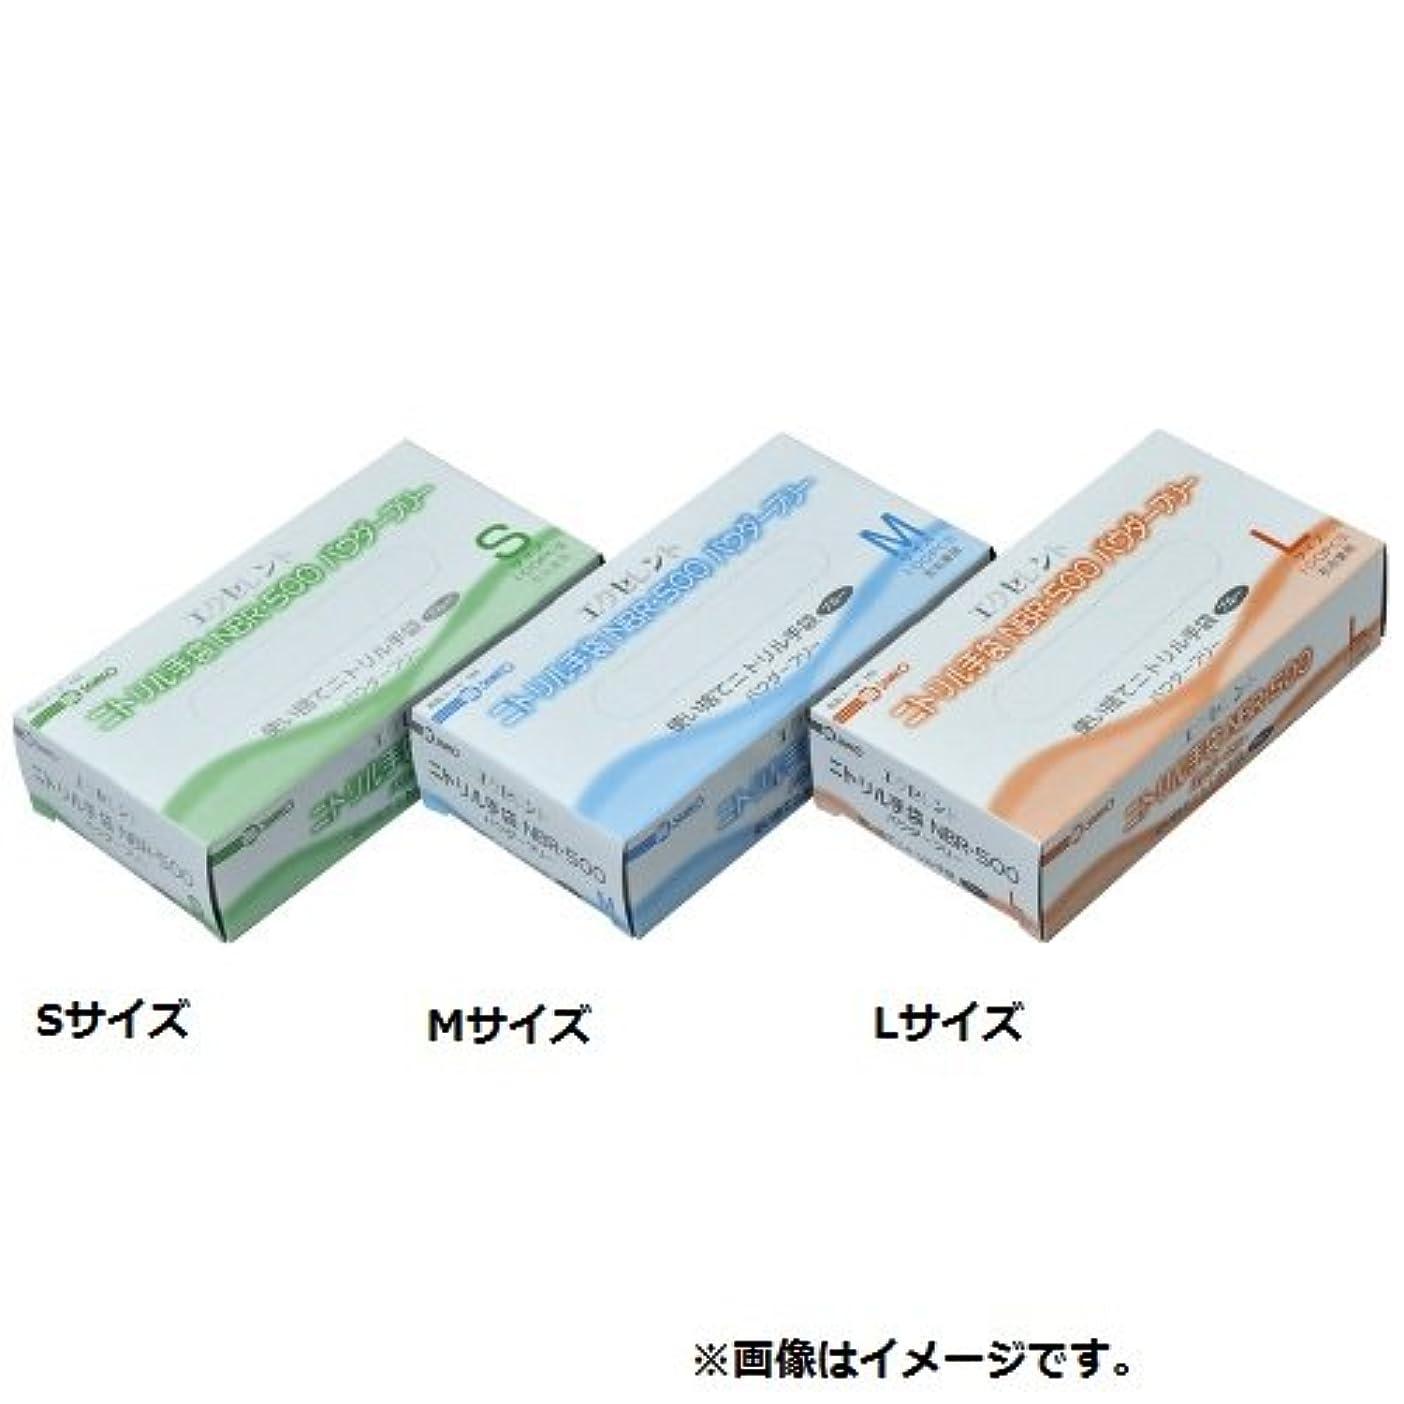 エイリアスレンド必要エクセレントニトリル手袋NBR-500パウダーフリー S カラー:ブルー 入数:1箱(100枚)×20箱